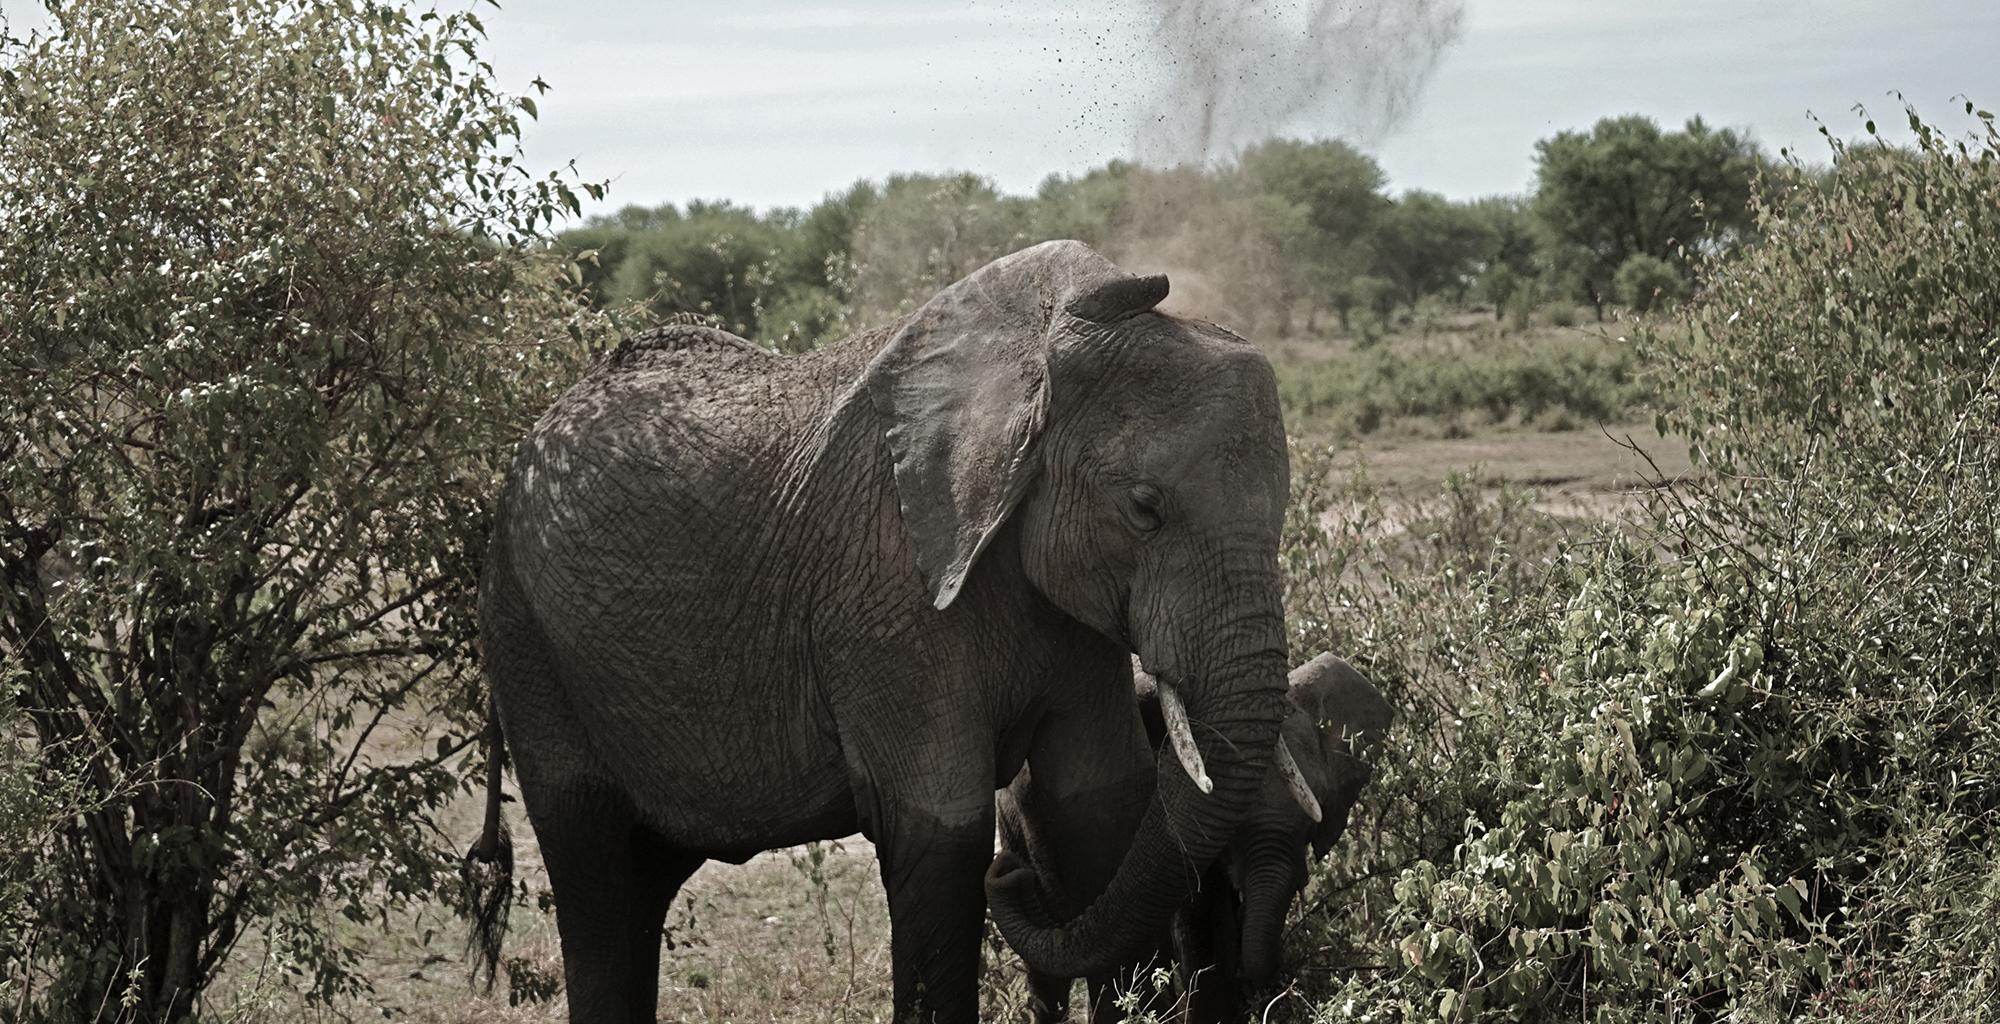 Elephant-Tanzania-Simon-Morris